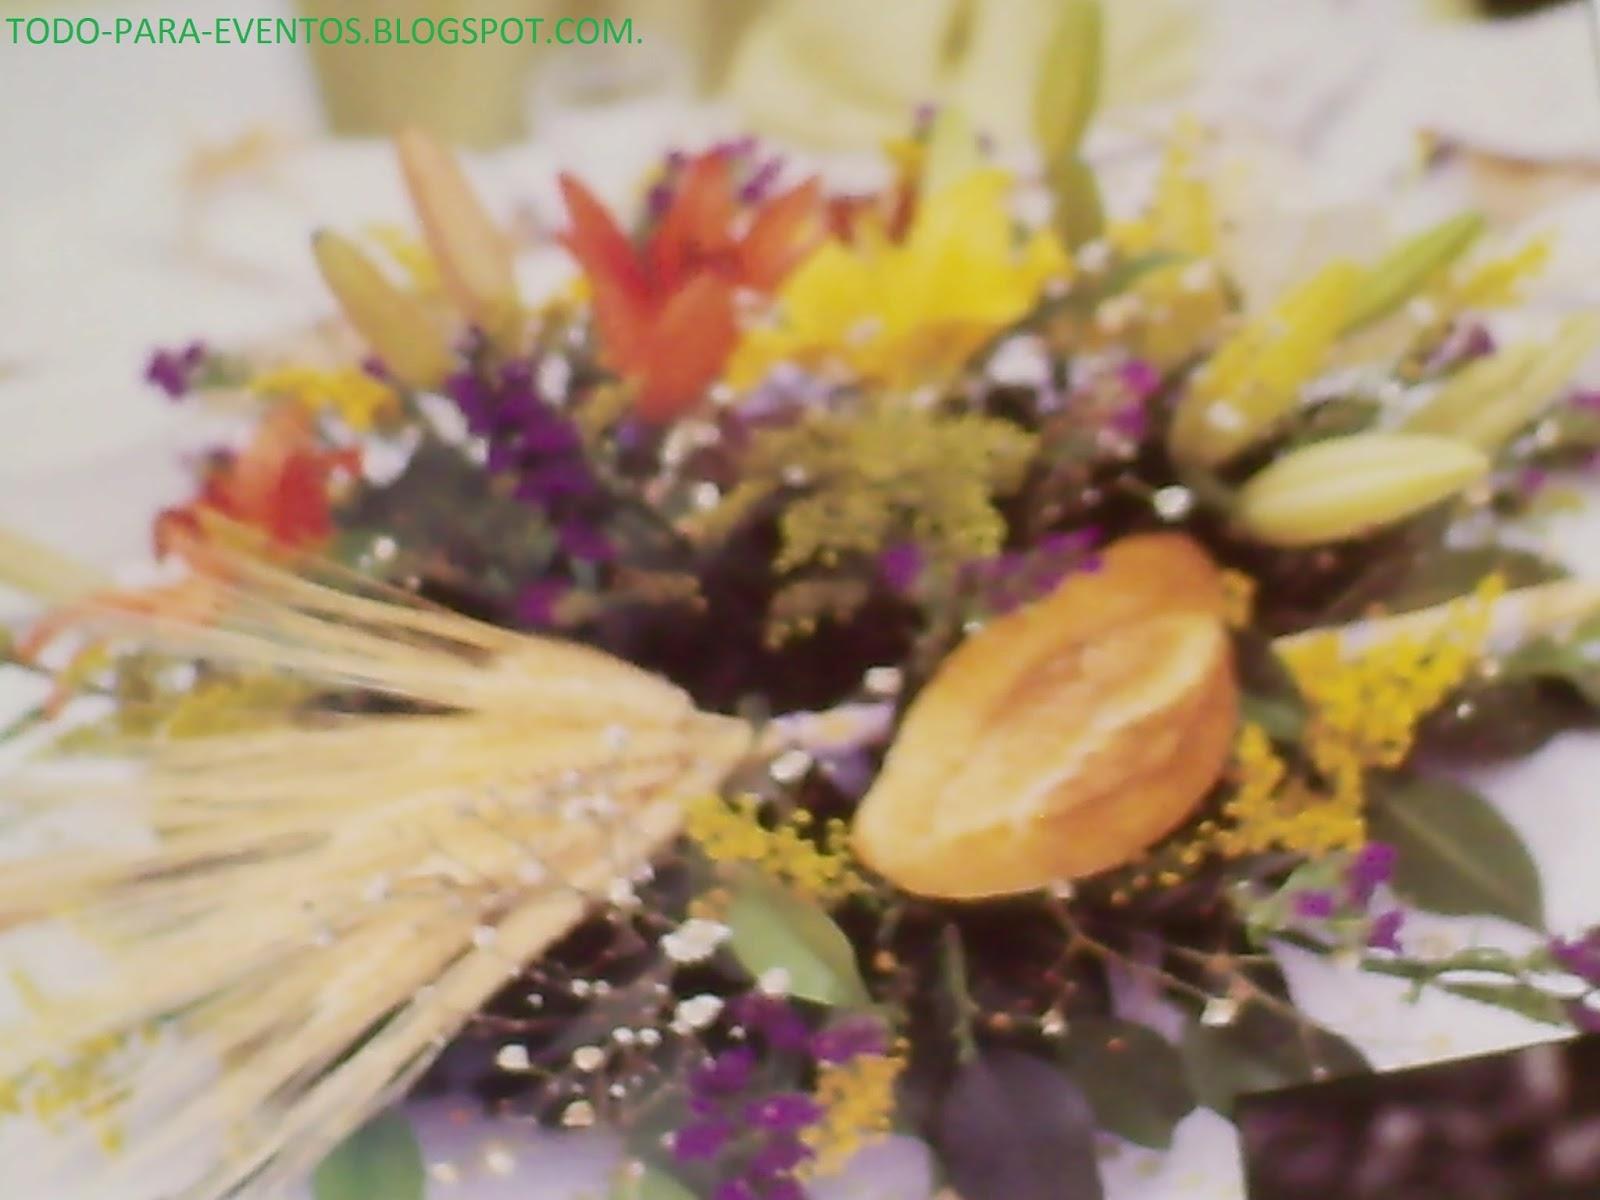 Con Lilys en color naranja y amarillo,nube y florecitas en morado y